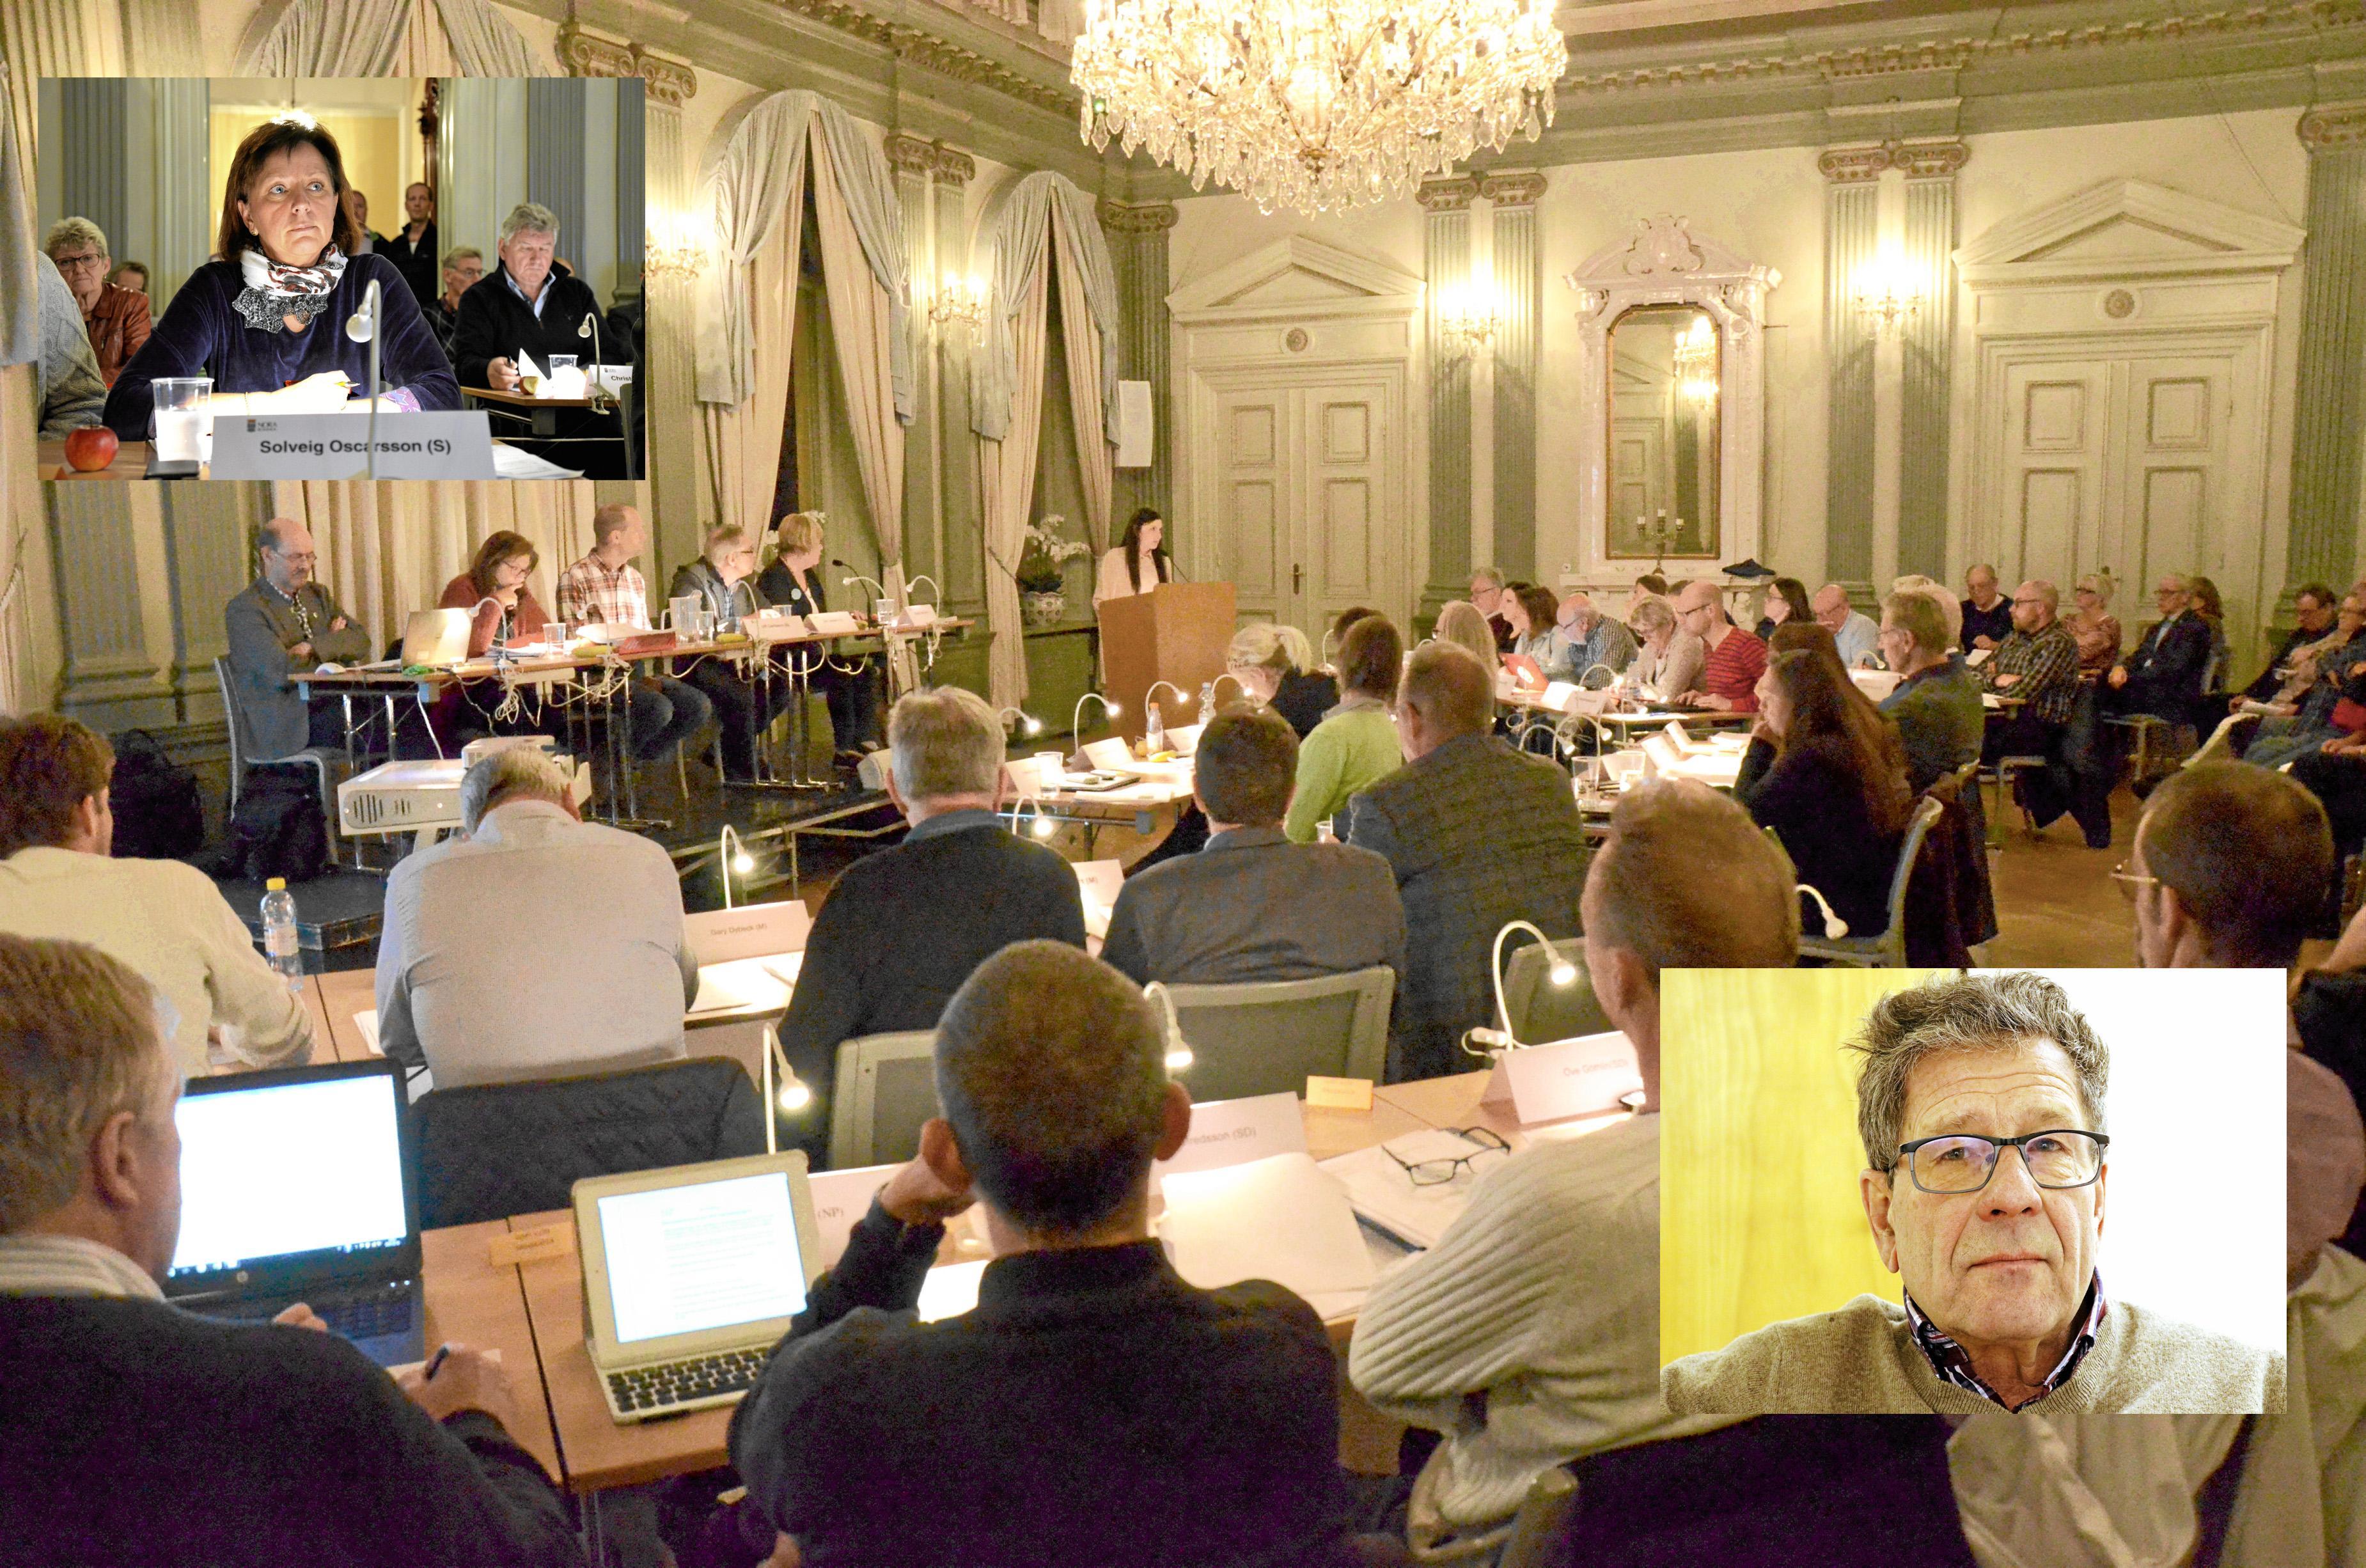 Inget är klart ännu vem som ska styra Nora kommun den kommande mandatperioden. Varken Solveig Oscarsson (S) eller Håkan Kangert (M) har några besked att lämna just nu.